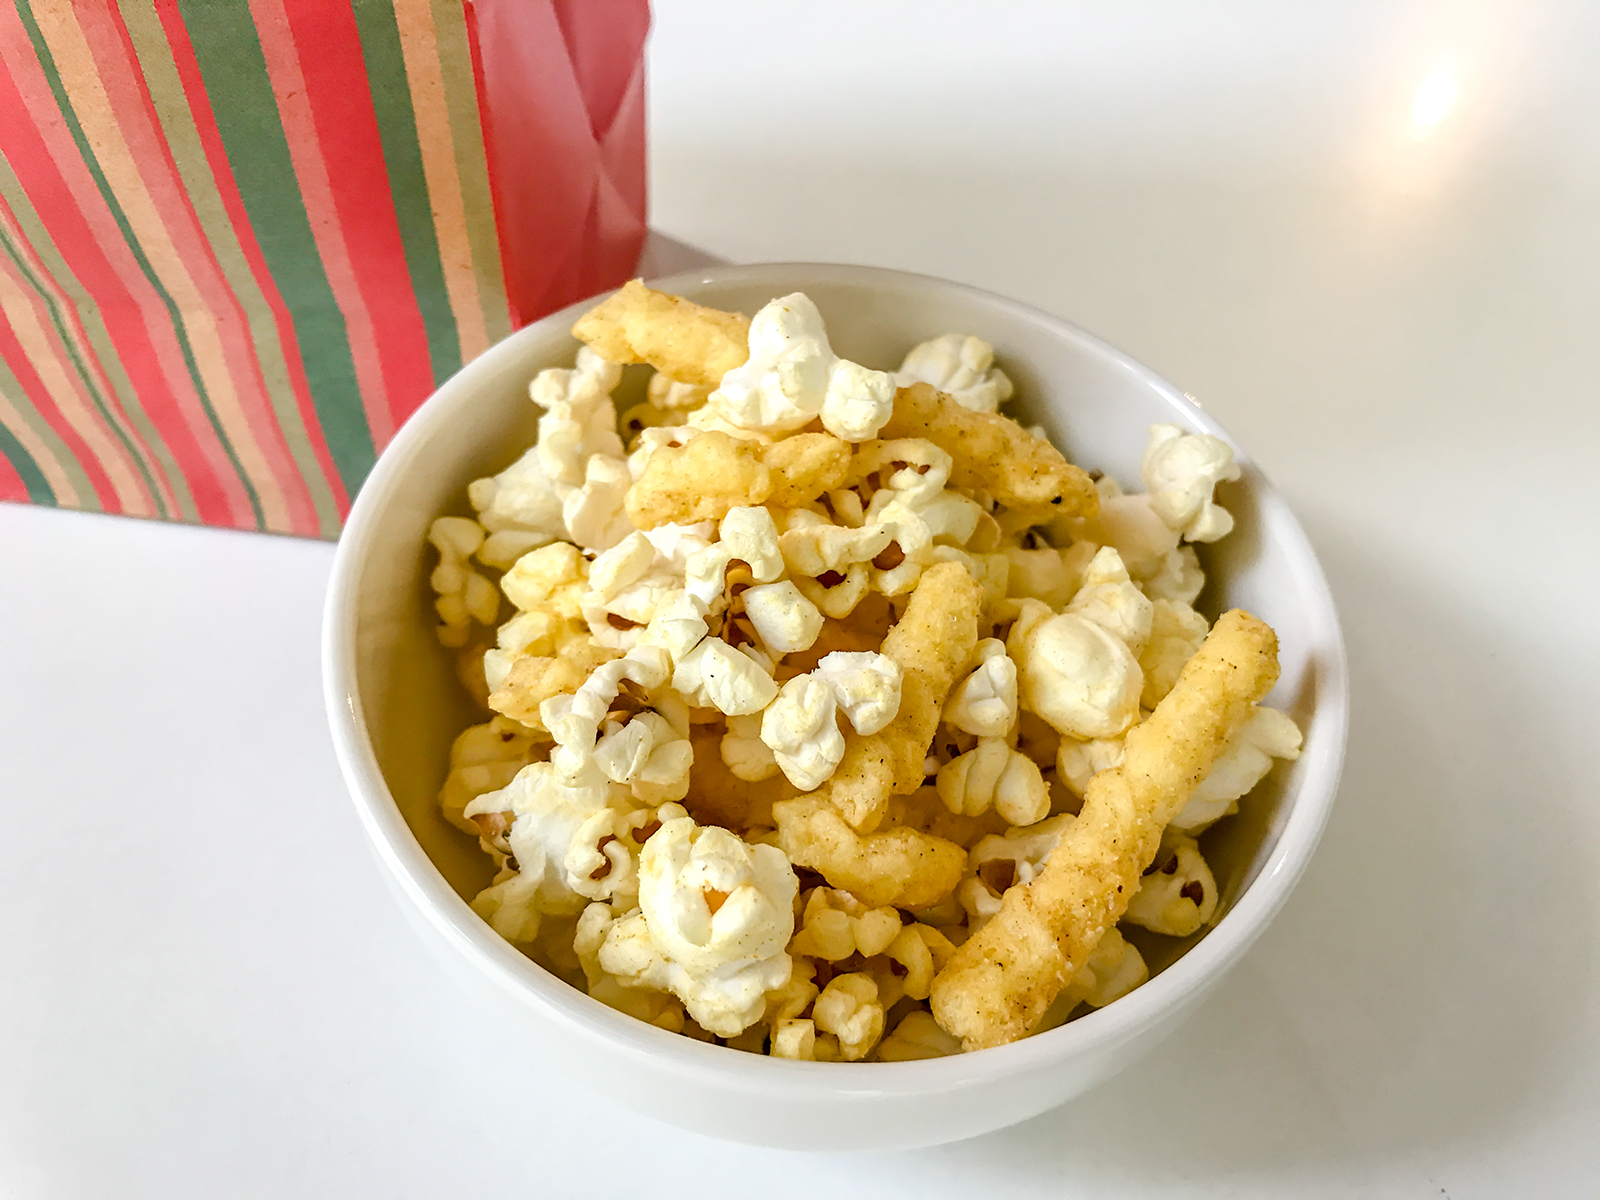 【激旨】映画館「TOHOシネマズ」限定のポップコーン『ココイチカレー味』が美味すぎ!映画を観ながら2種類のお菓子を同時に楽しめるよ!